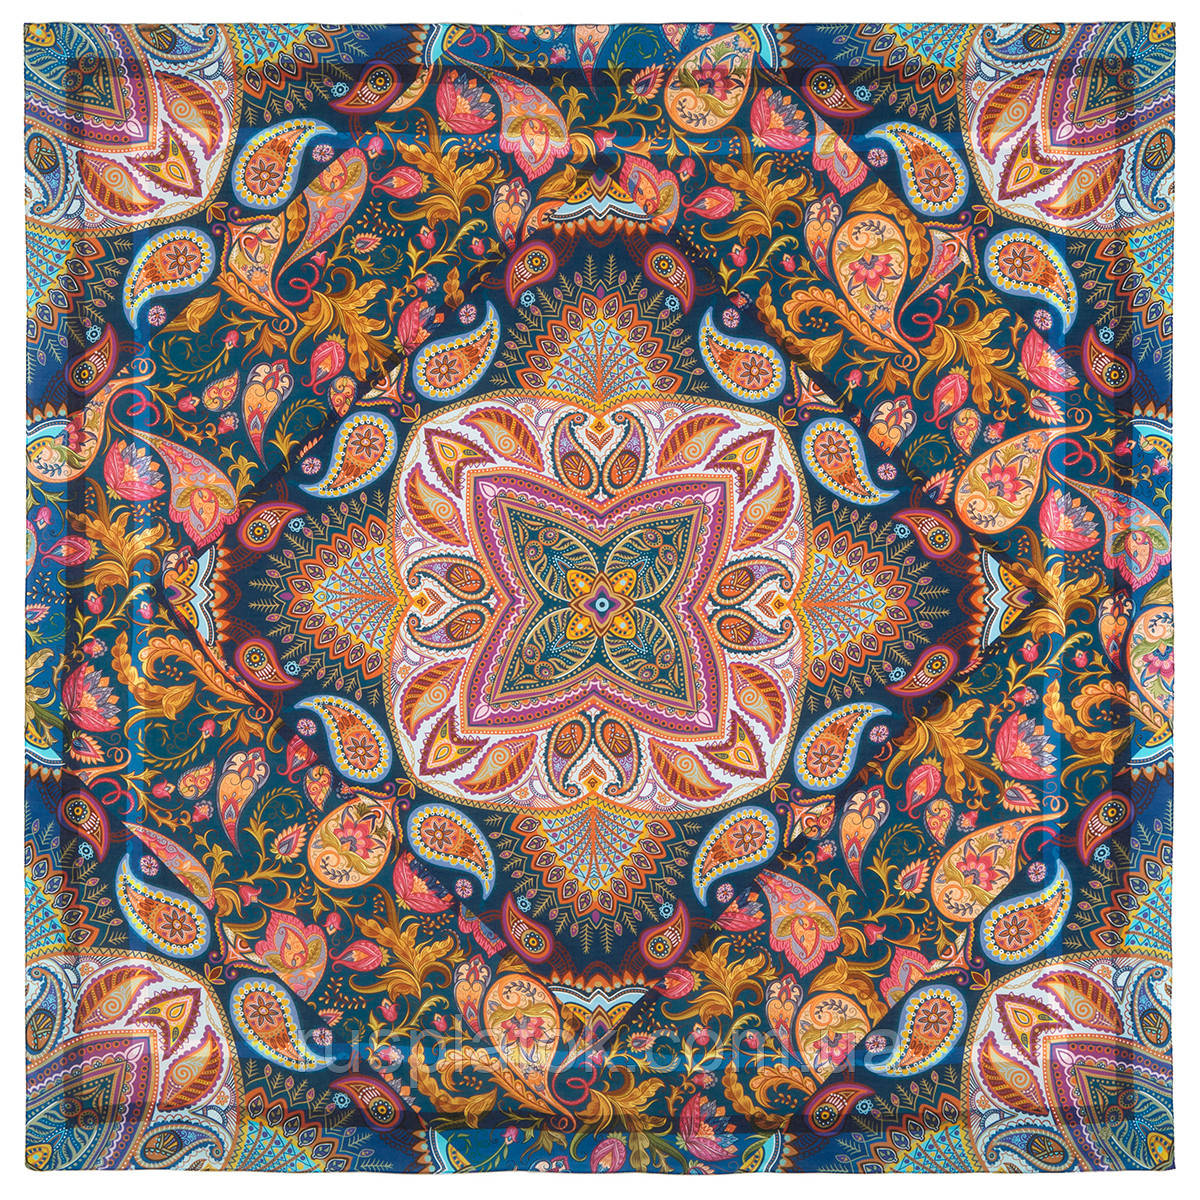 10476-14, павлопосадский платок из вискозы с подрубкой